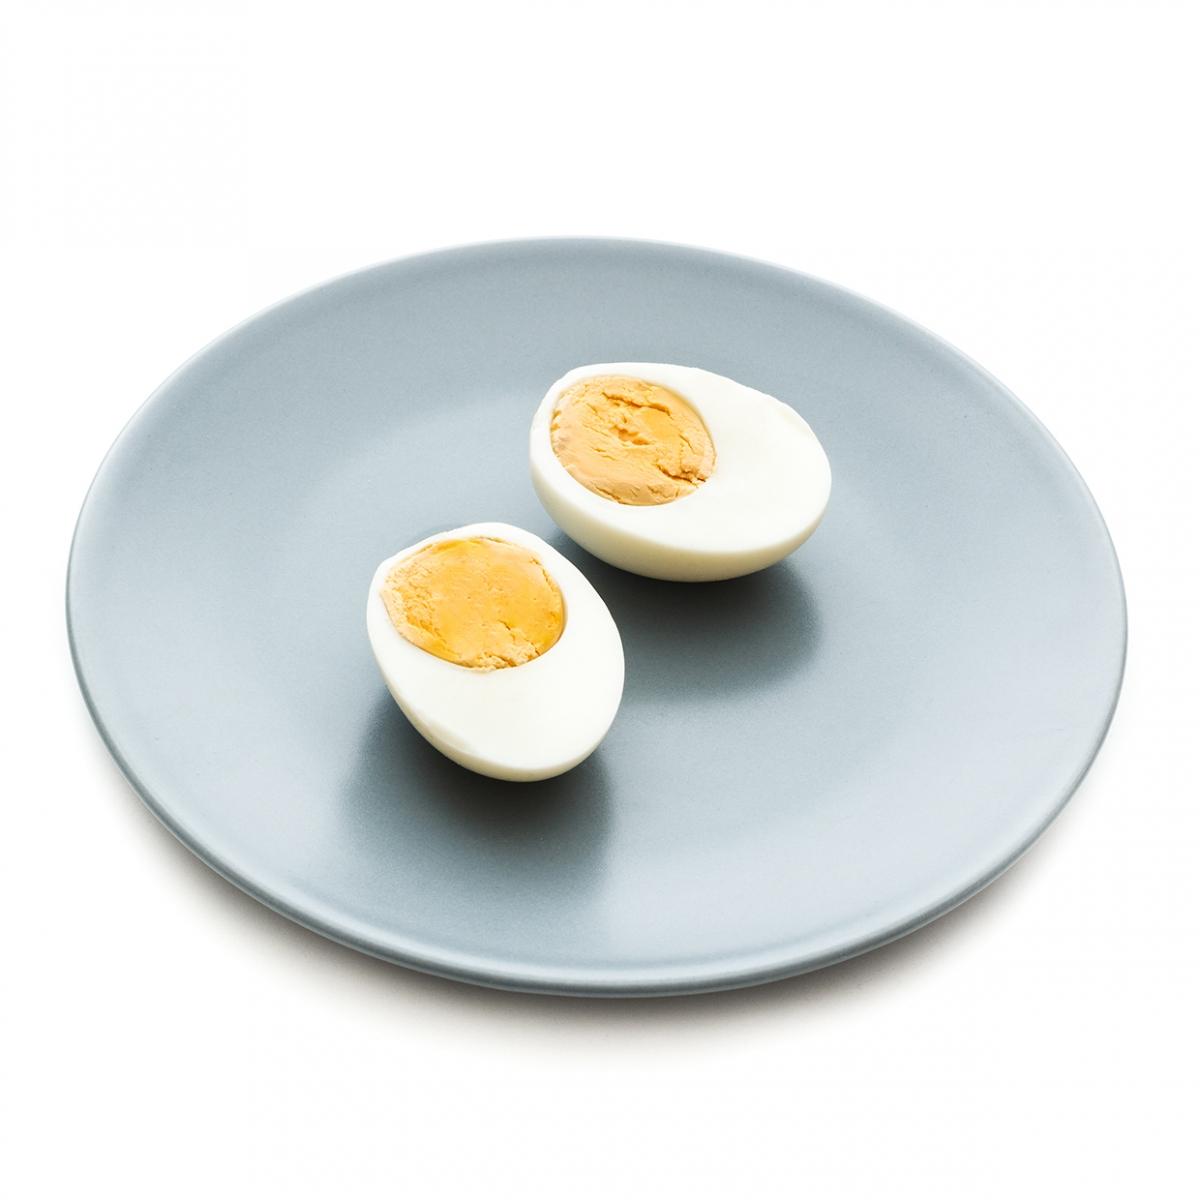 Imagen en la que se ve un plato con un huevo duro partido por la mitad y pelado